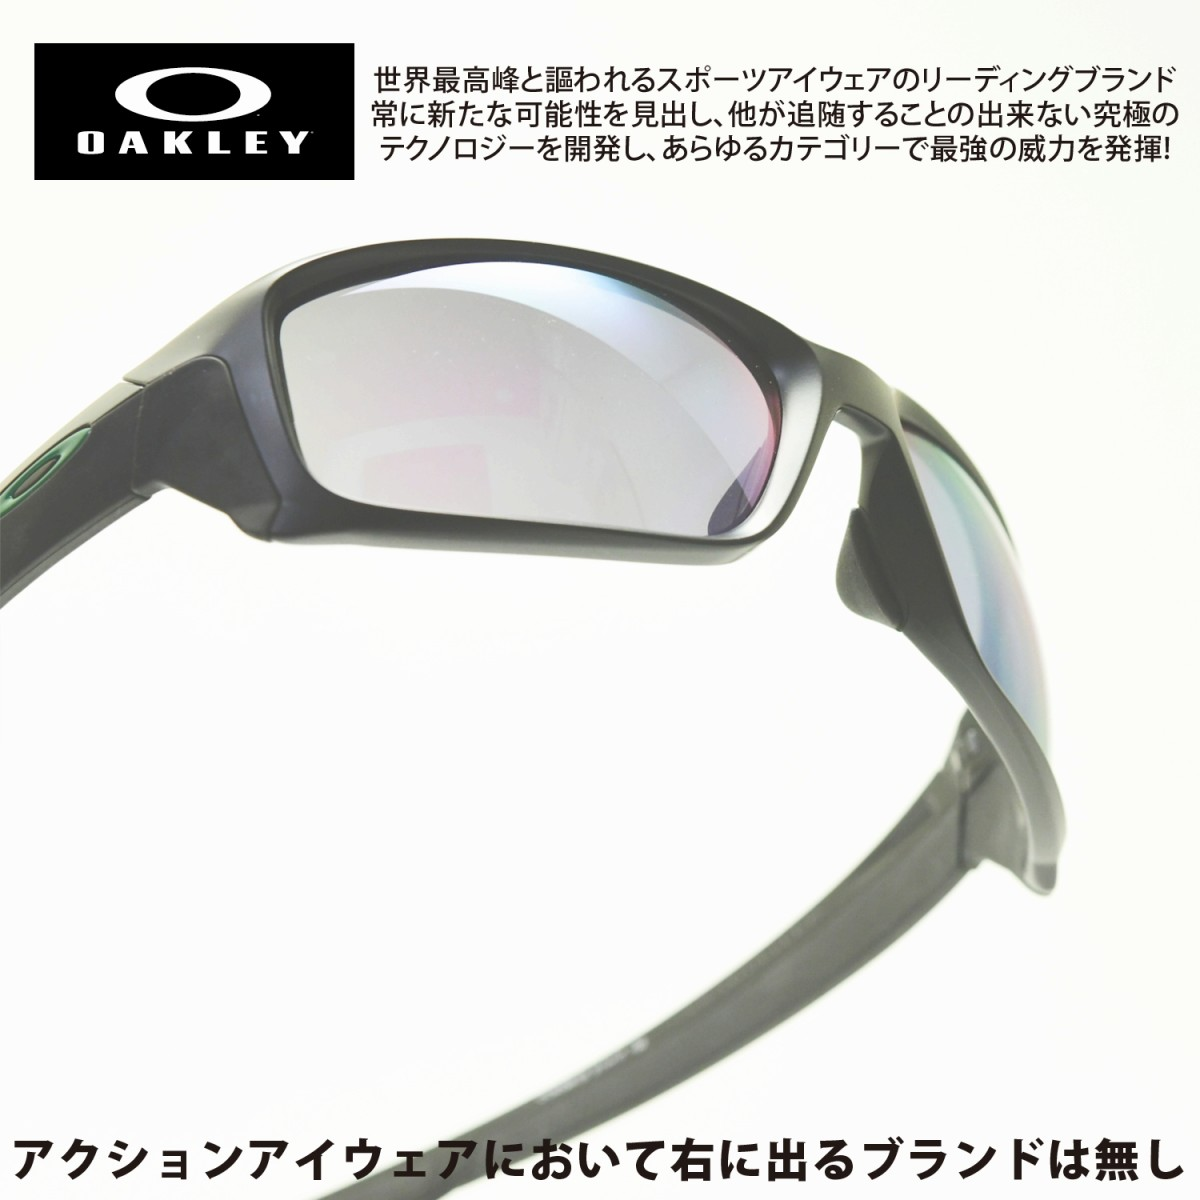 画像1: OAKLEY オークリー STRAIGHTLINK ストレートリンク OO9336-05 MATTE BLACK/JADE IRIDIUM (1)